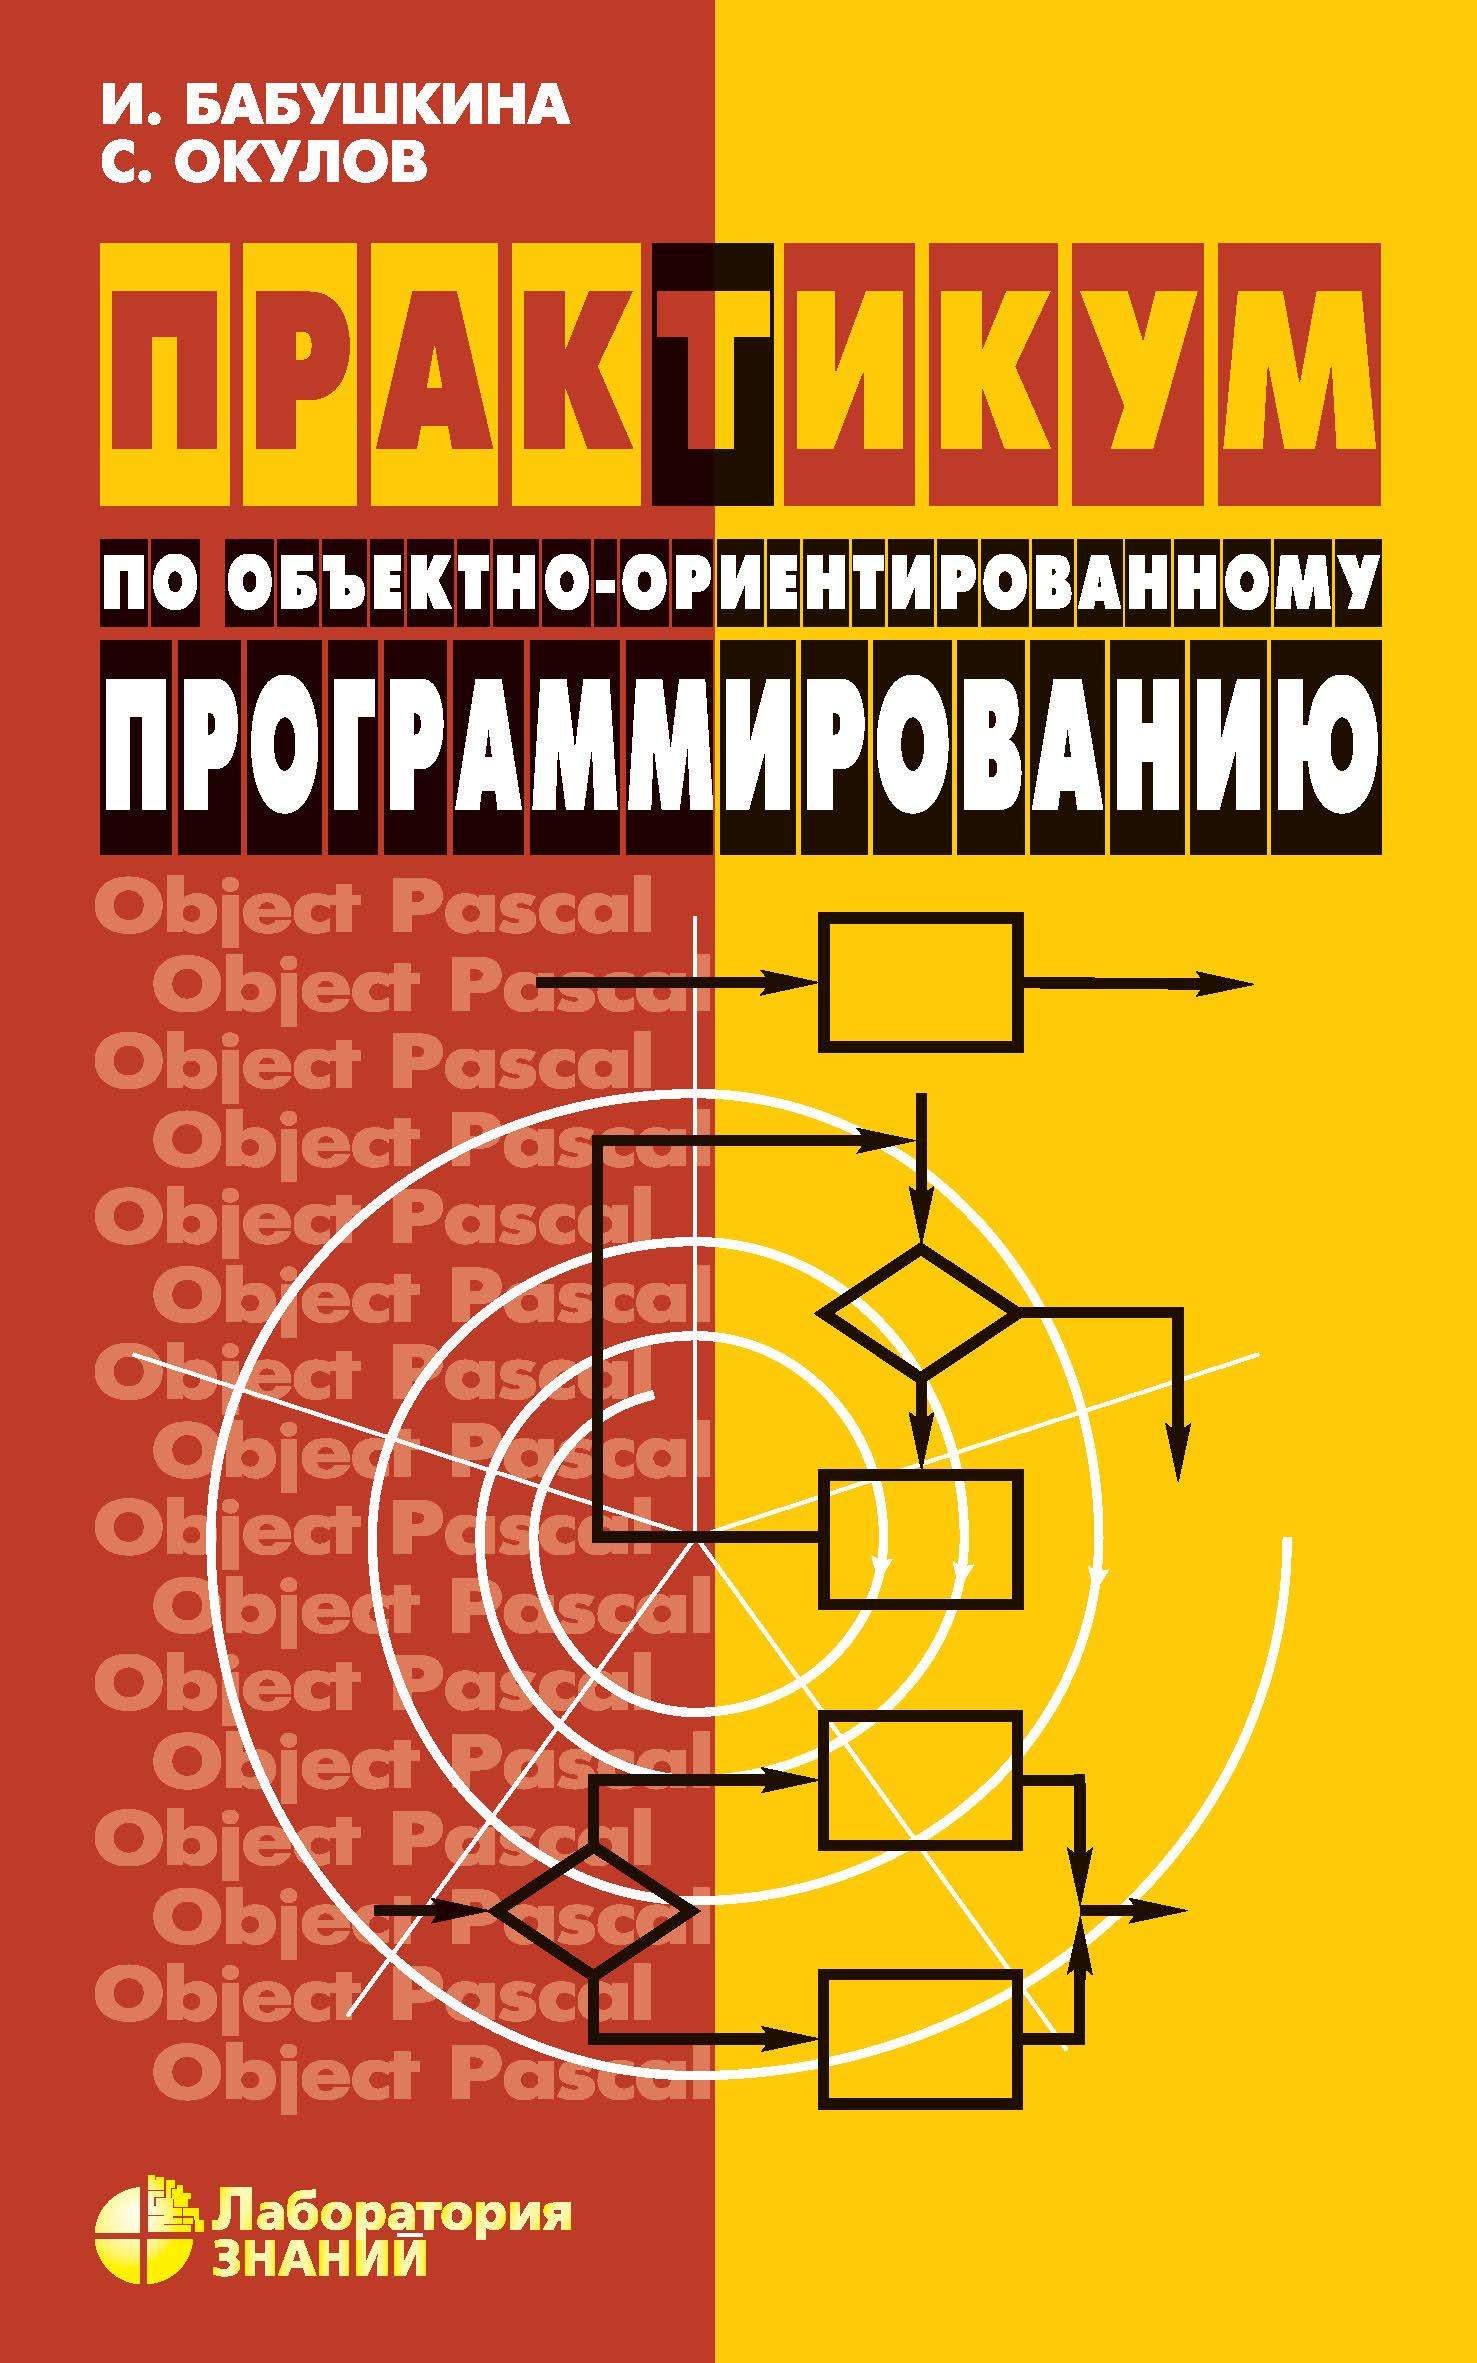 С. М. Окулов Практикум по объектно-ориентированному программированию